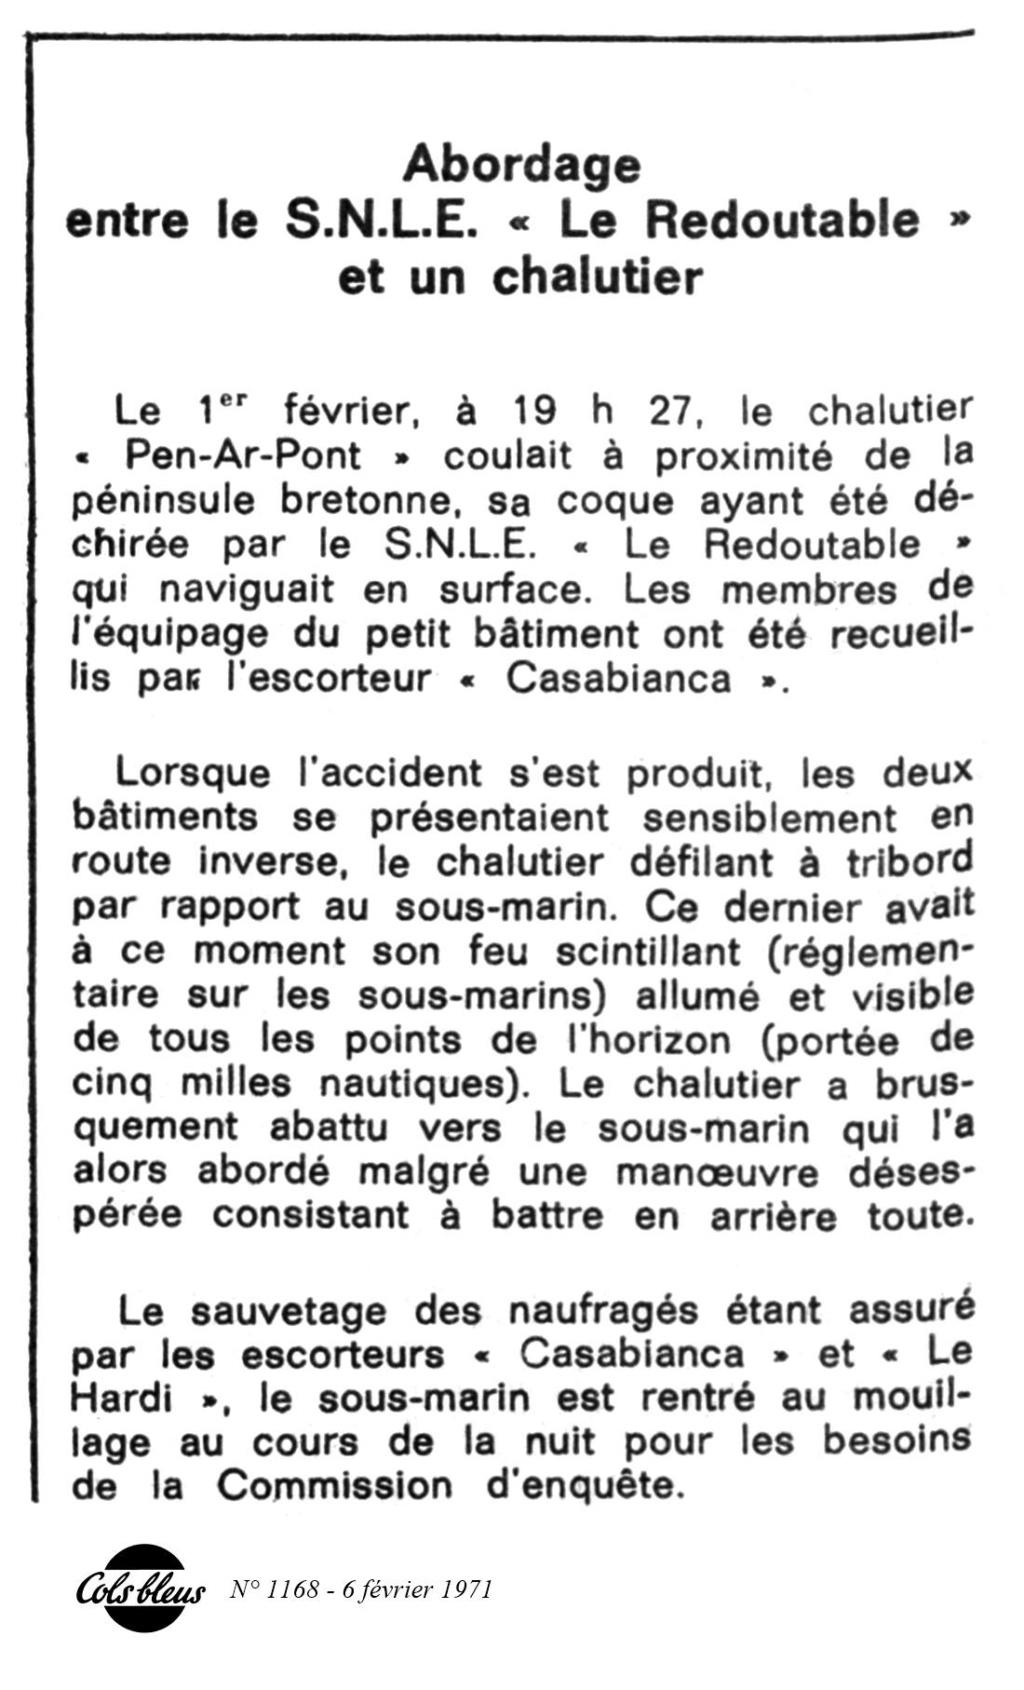 LE REDOUTABLE (SNLE) (Sous surveillance spéciale) - Page 31 Aborda10